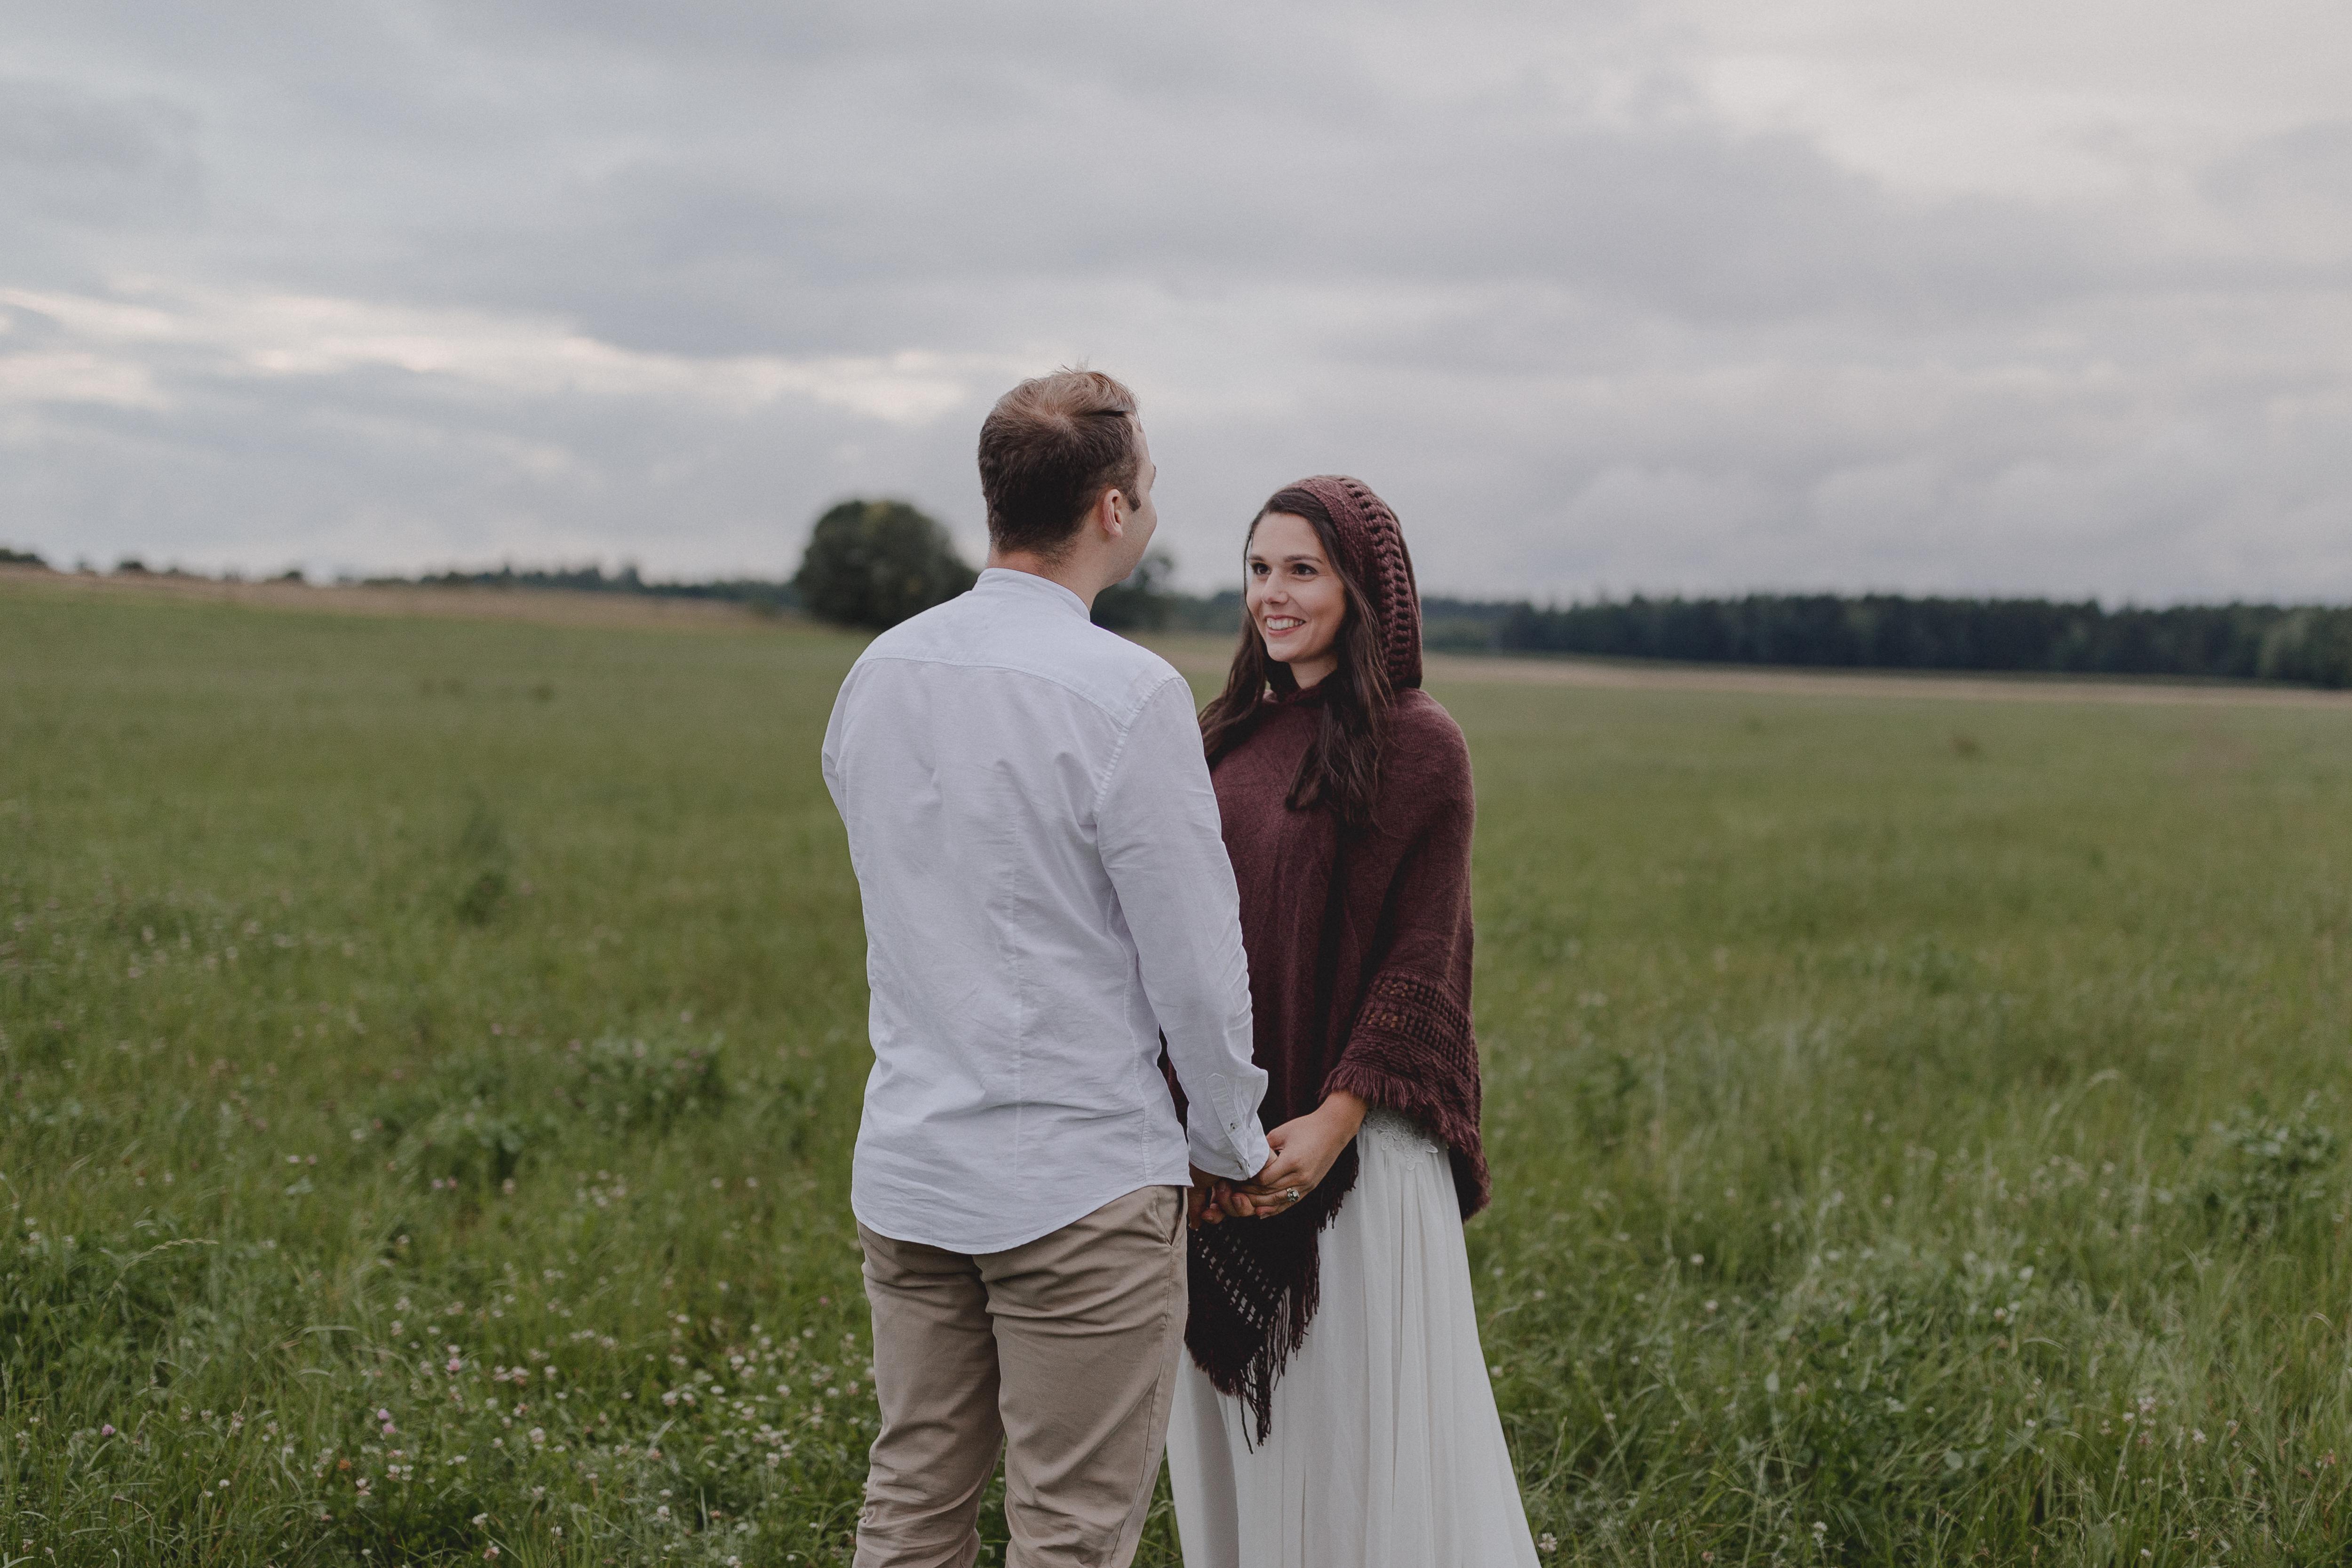 URBANERIE_Daniela_Goth_Vintage_Hochzeitsfotografin_Nuernberg_Fuerth_Erlangen_180721_0349